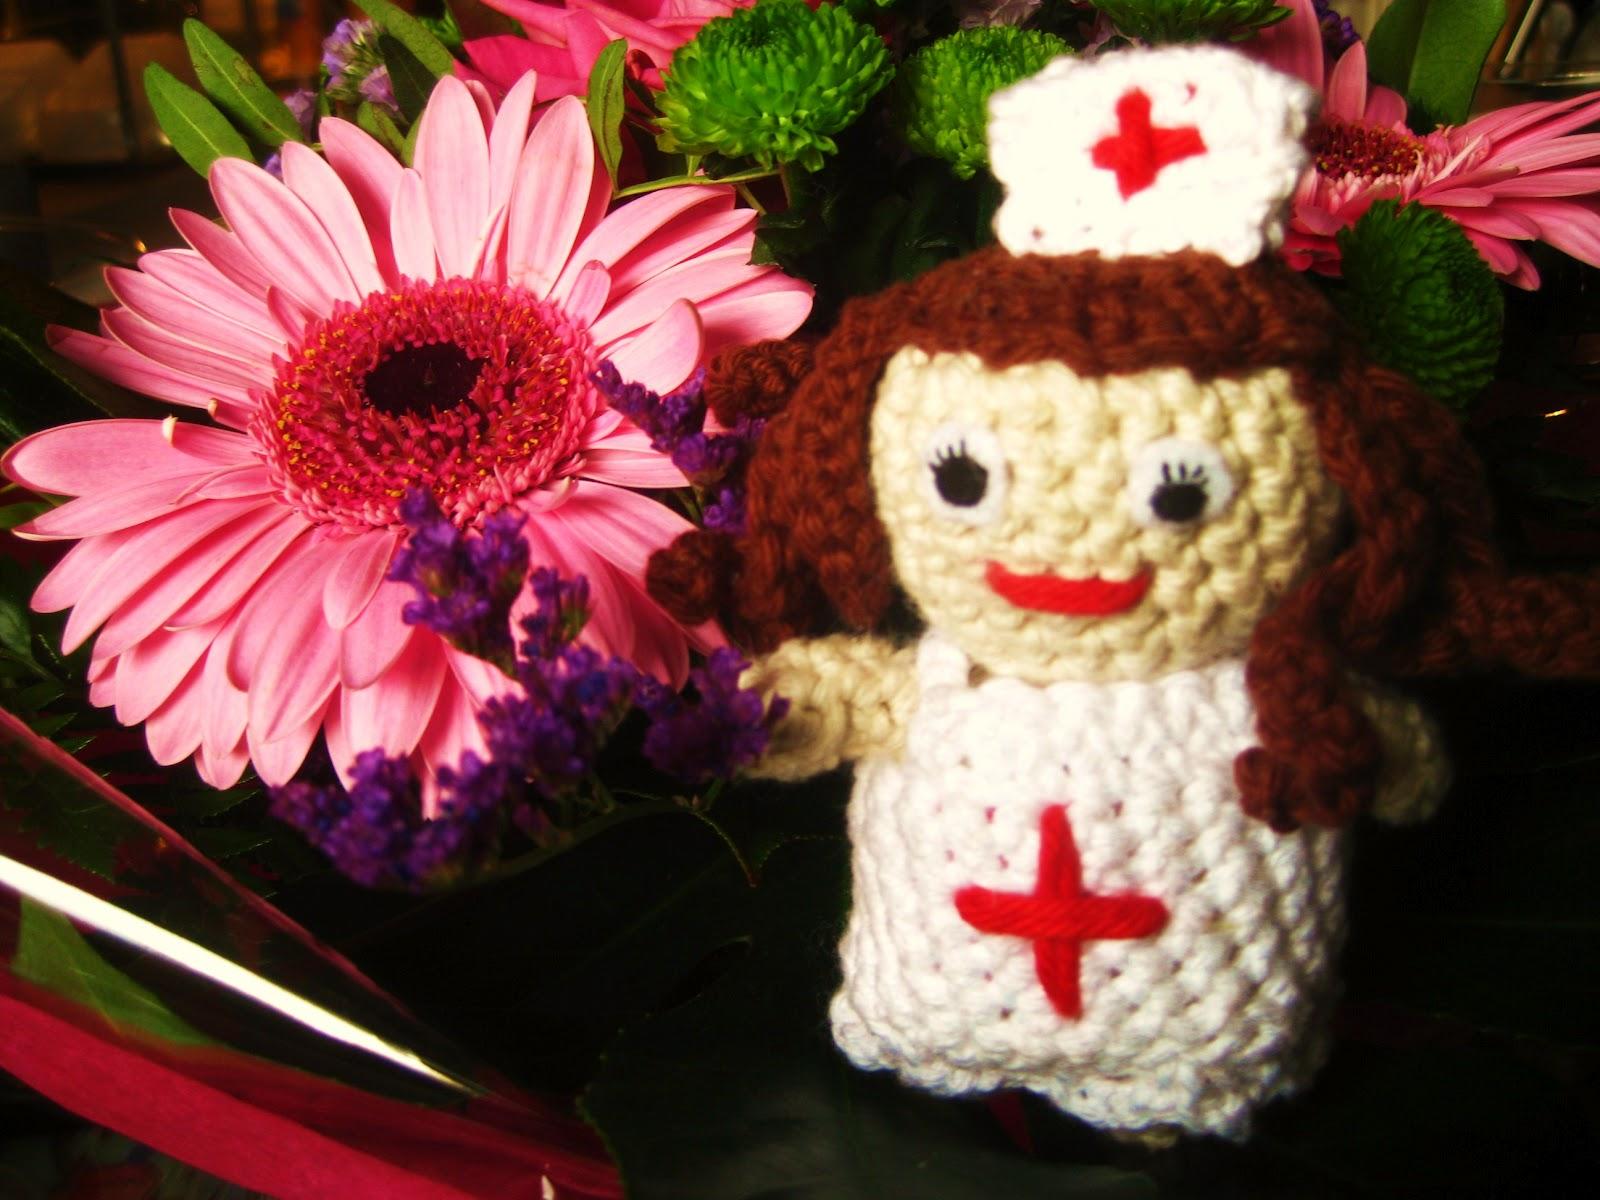 grattis till sjuksköterskeexamen Bokfjärilen: Legitimerad Sjuksköterska grattis till sjuksköterskeexamen